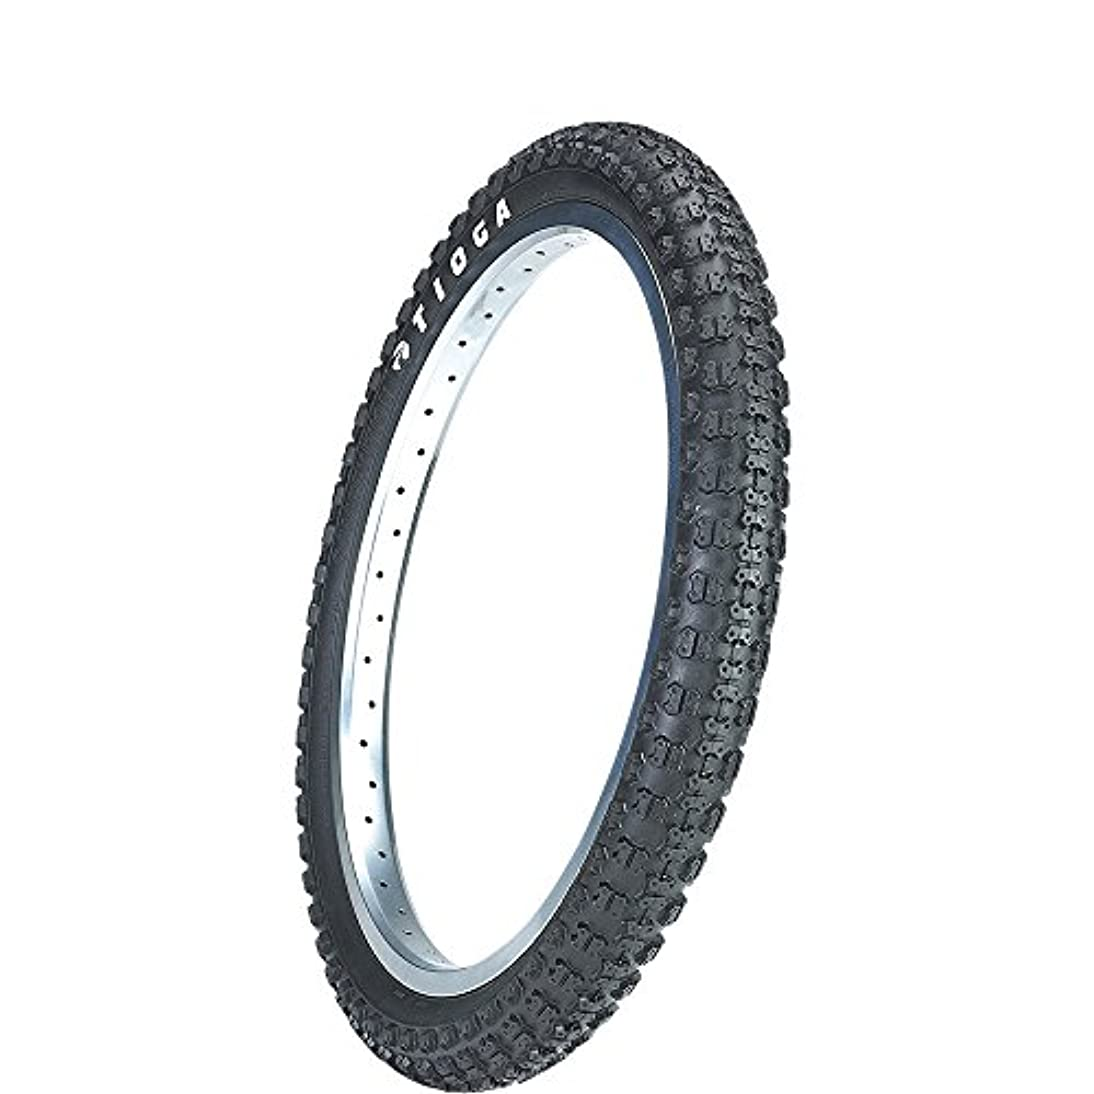 計画的悪名高い緩めるTioga Comp III Wire Tire with Black Side Wall, 20x1.5-Inch by Tioga